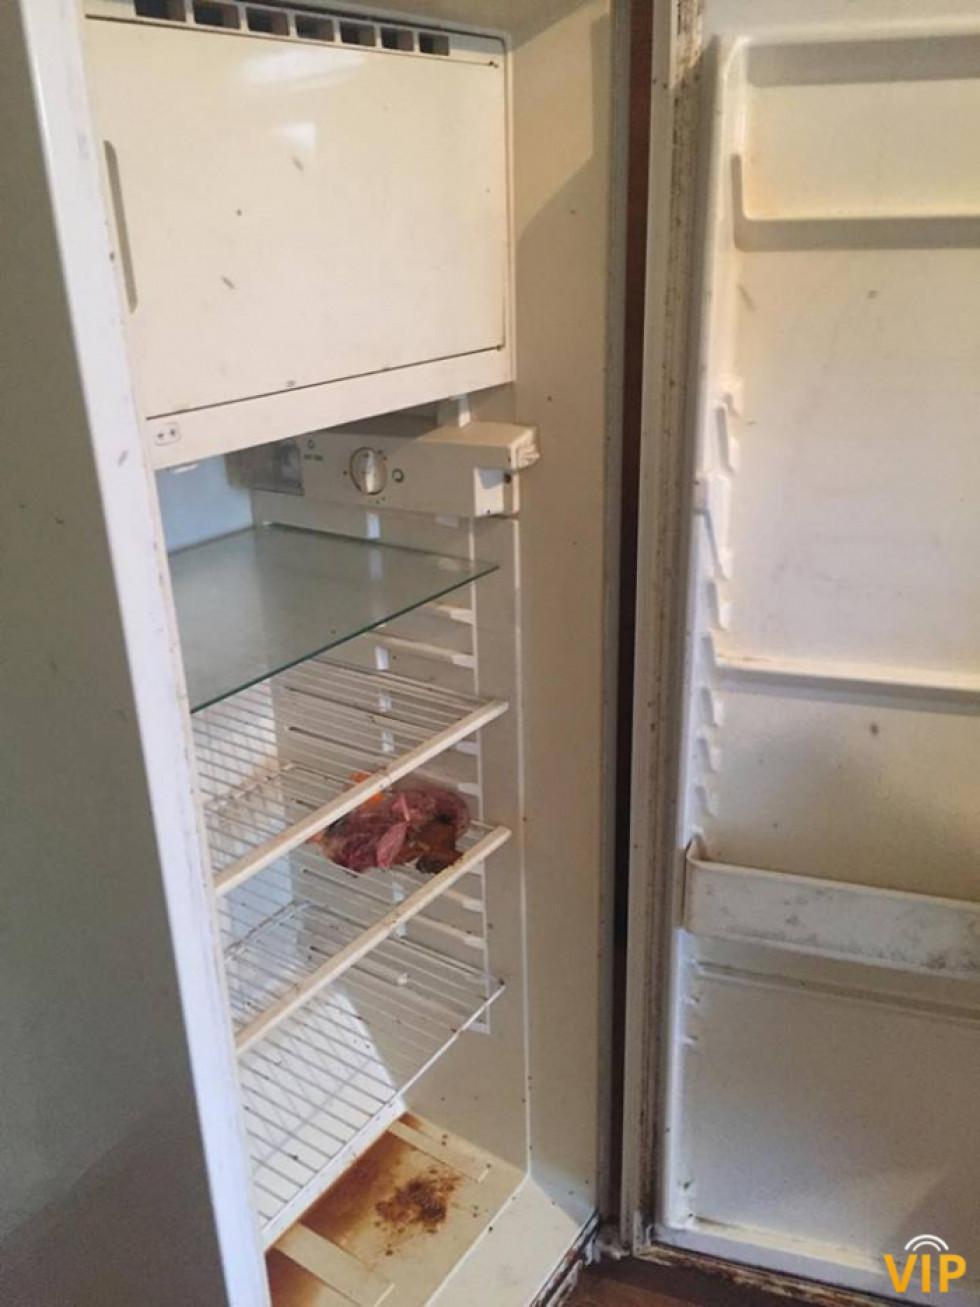 А у цьому холодильнику повісилась не лише миша, а й мошка